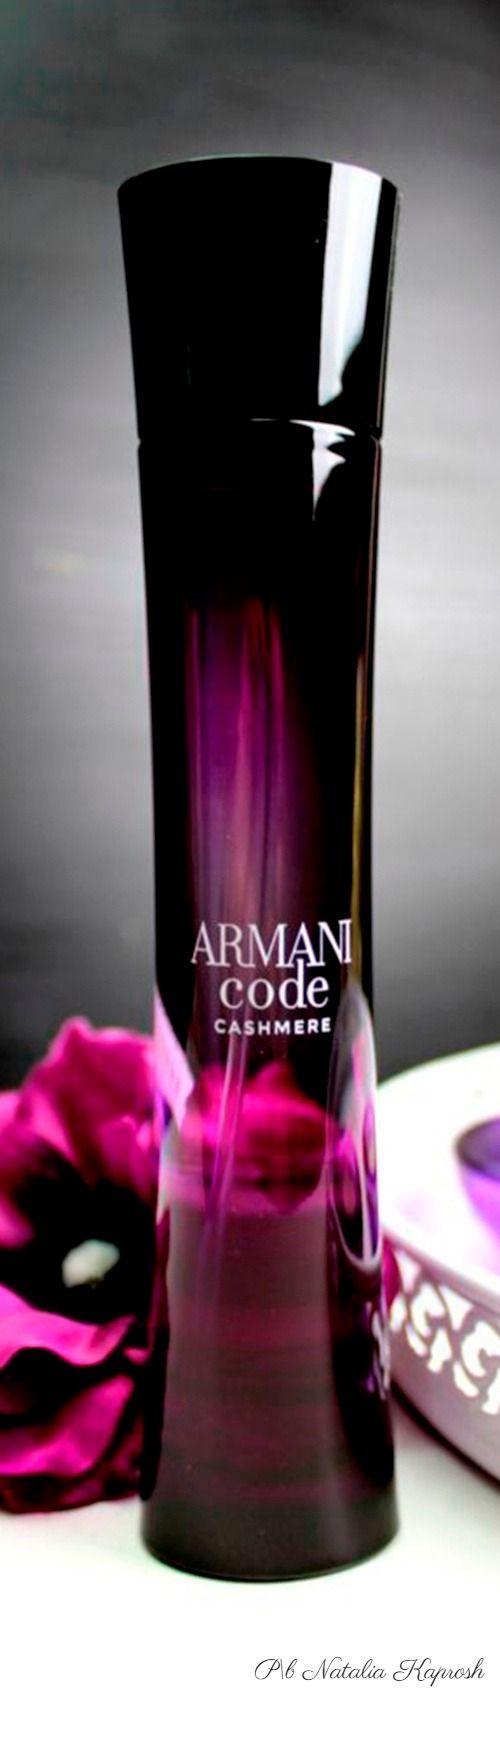 Armani Code Cashmere  63cb9e470c4ac